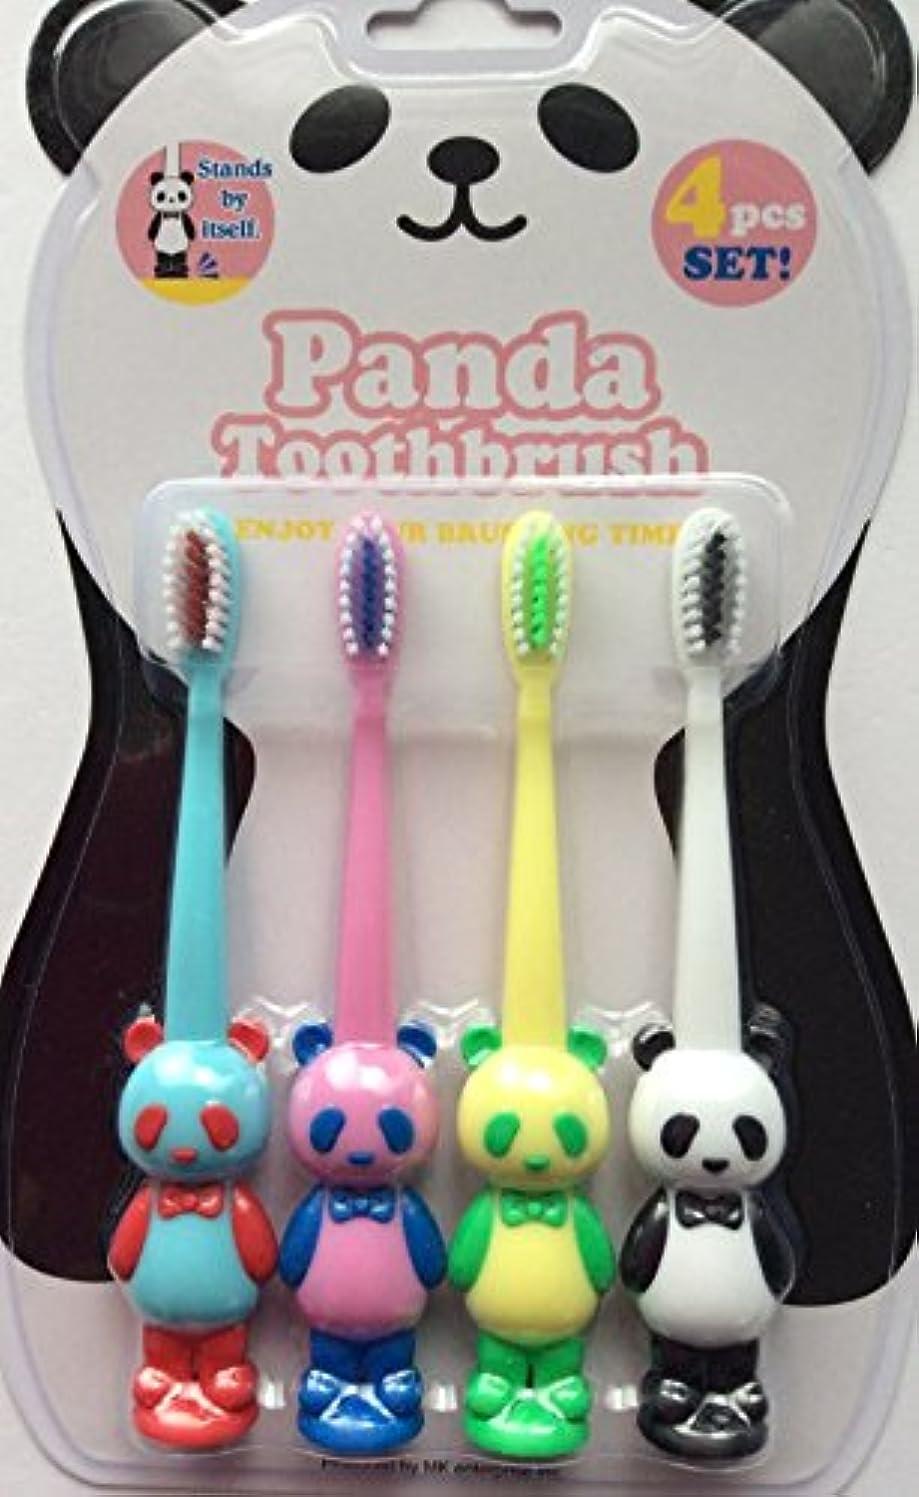 がっかりした溶かす集めるアニマル パンダ 歯ブラシ 4P セット (カラフルパンダ)